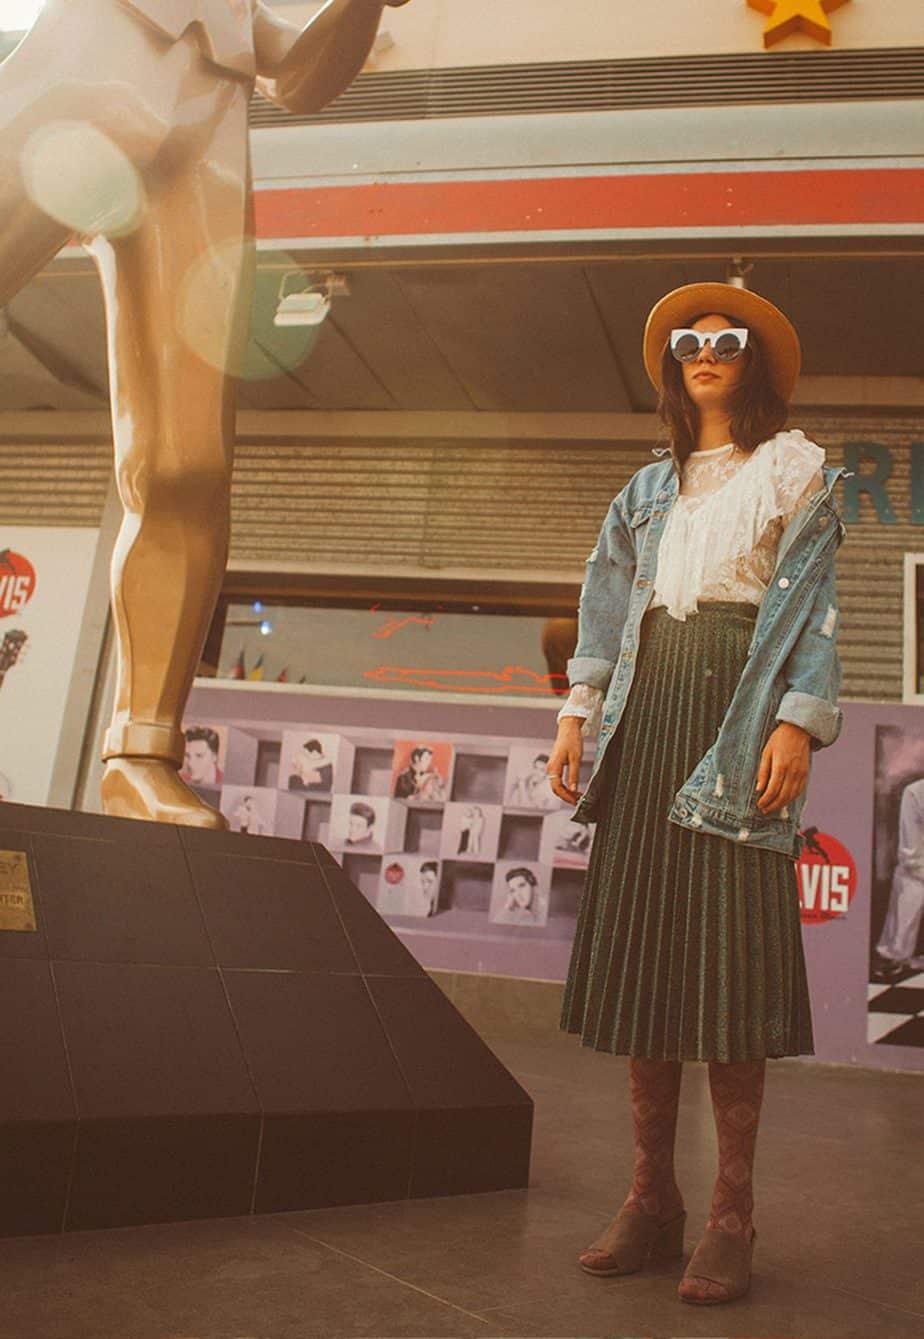 צילום: אופל פרץ, סטיילינג:רוזיטה פרץ ברגר - בוגרת שנקר, החוג לסטיילינג, דוגמנית: אסתר שוורצמן,אופנה, חדשות אופנה, כתבות אופנה, Fashiom Magazine, Fashion, Efifo ,מגזין אופנה, מגזין אופנה ישראלי, מגזיני אופנה ישראלים -8